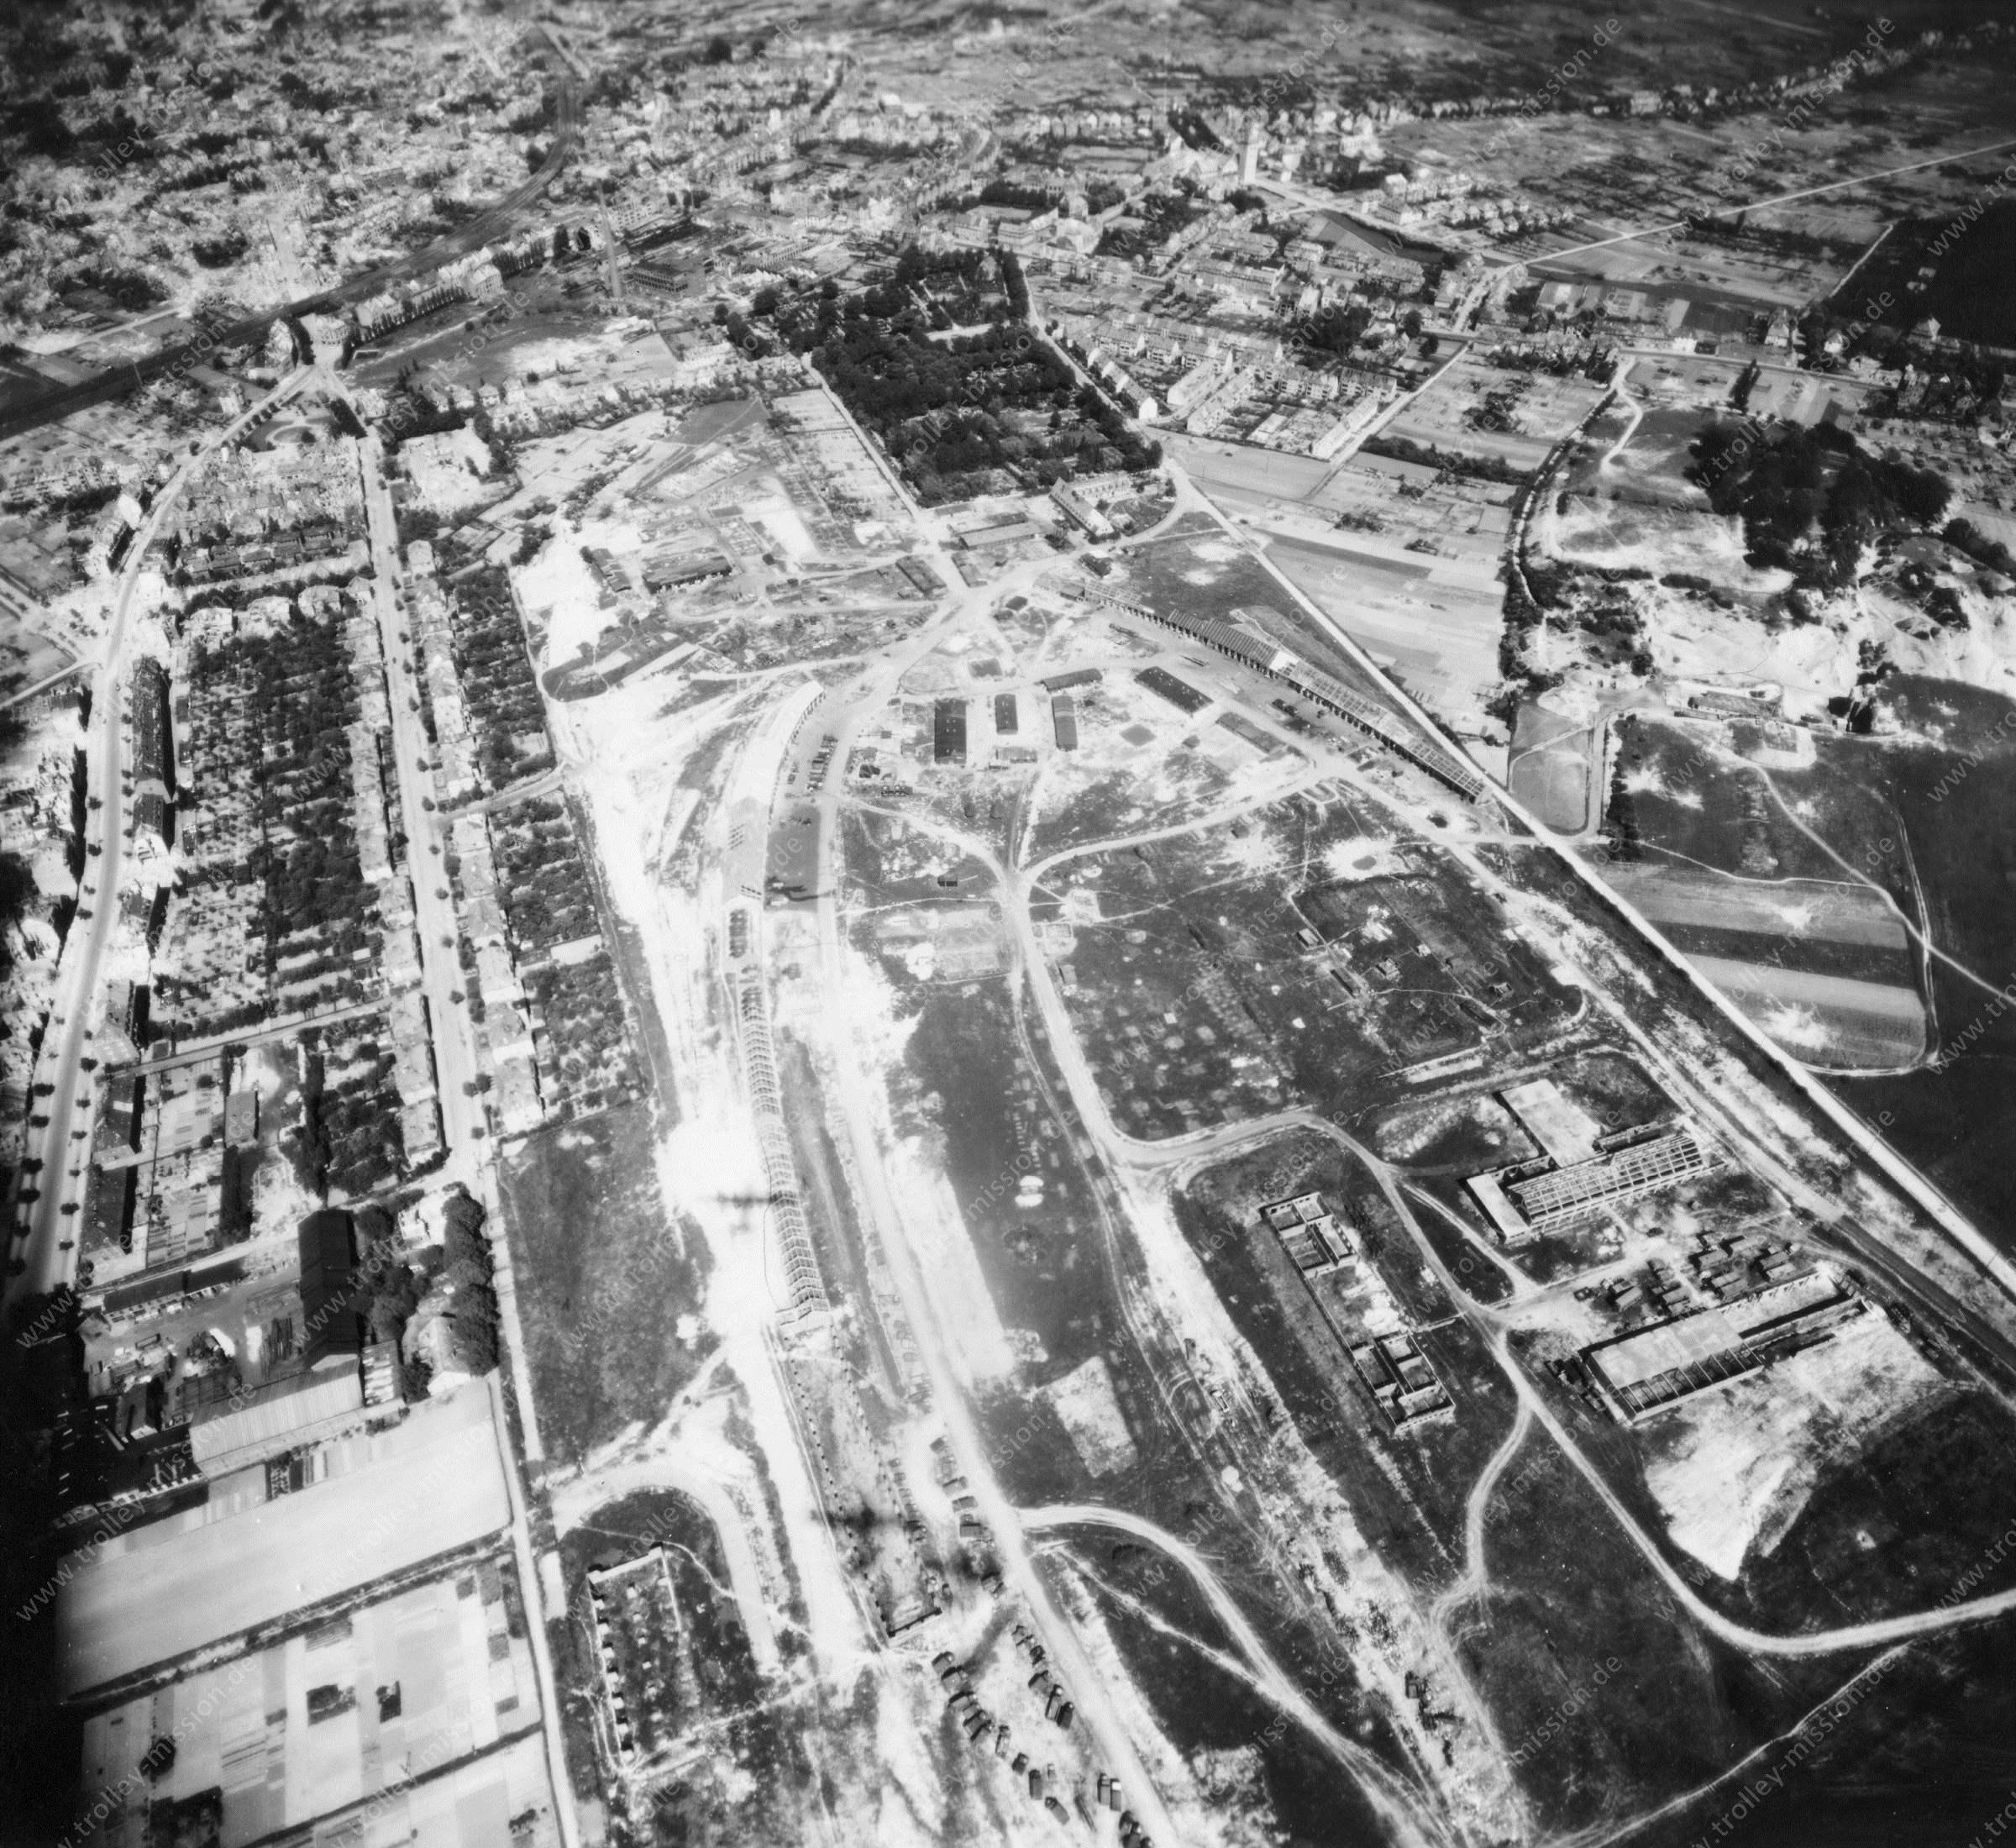 Luftbild von Osnabrück am 12. Mai 1945 - Luftbildserie 2/9 der US Air Force